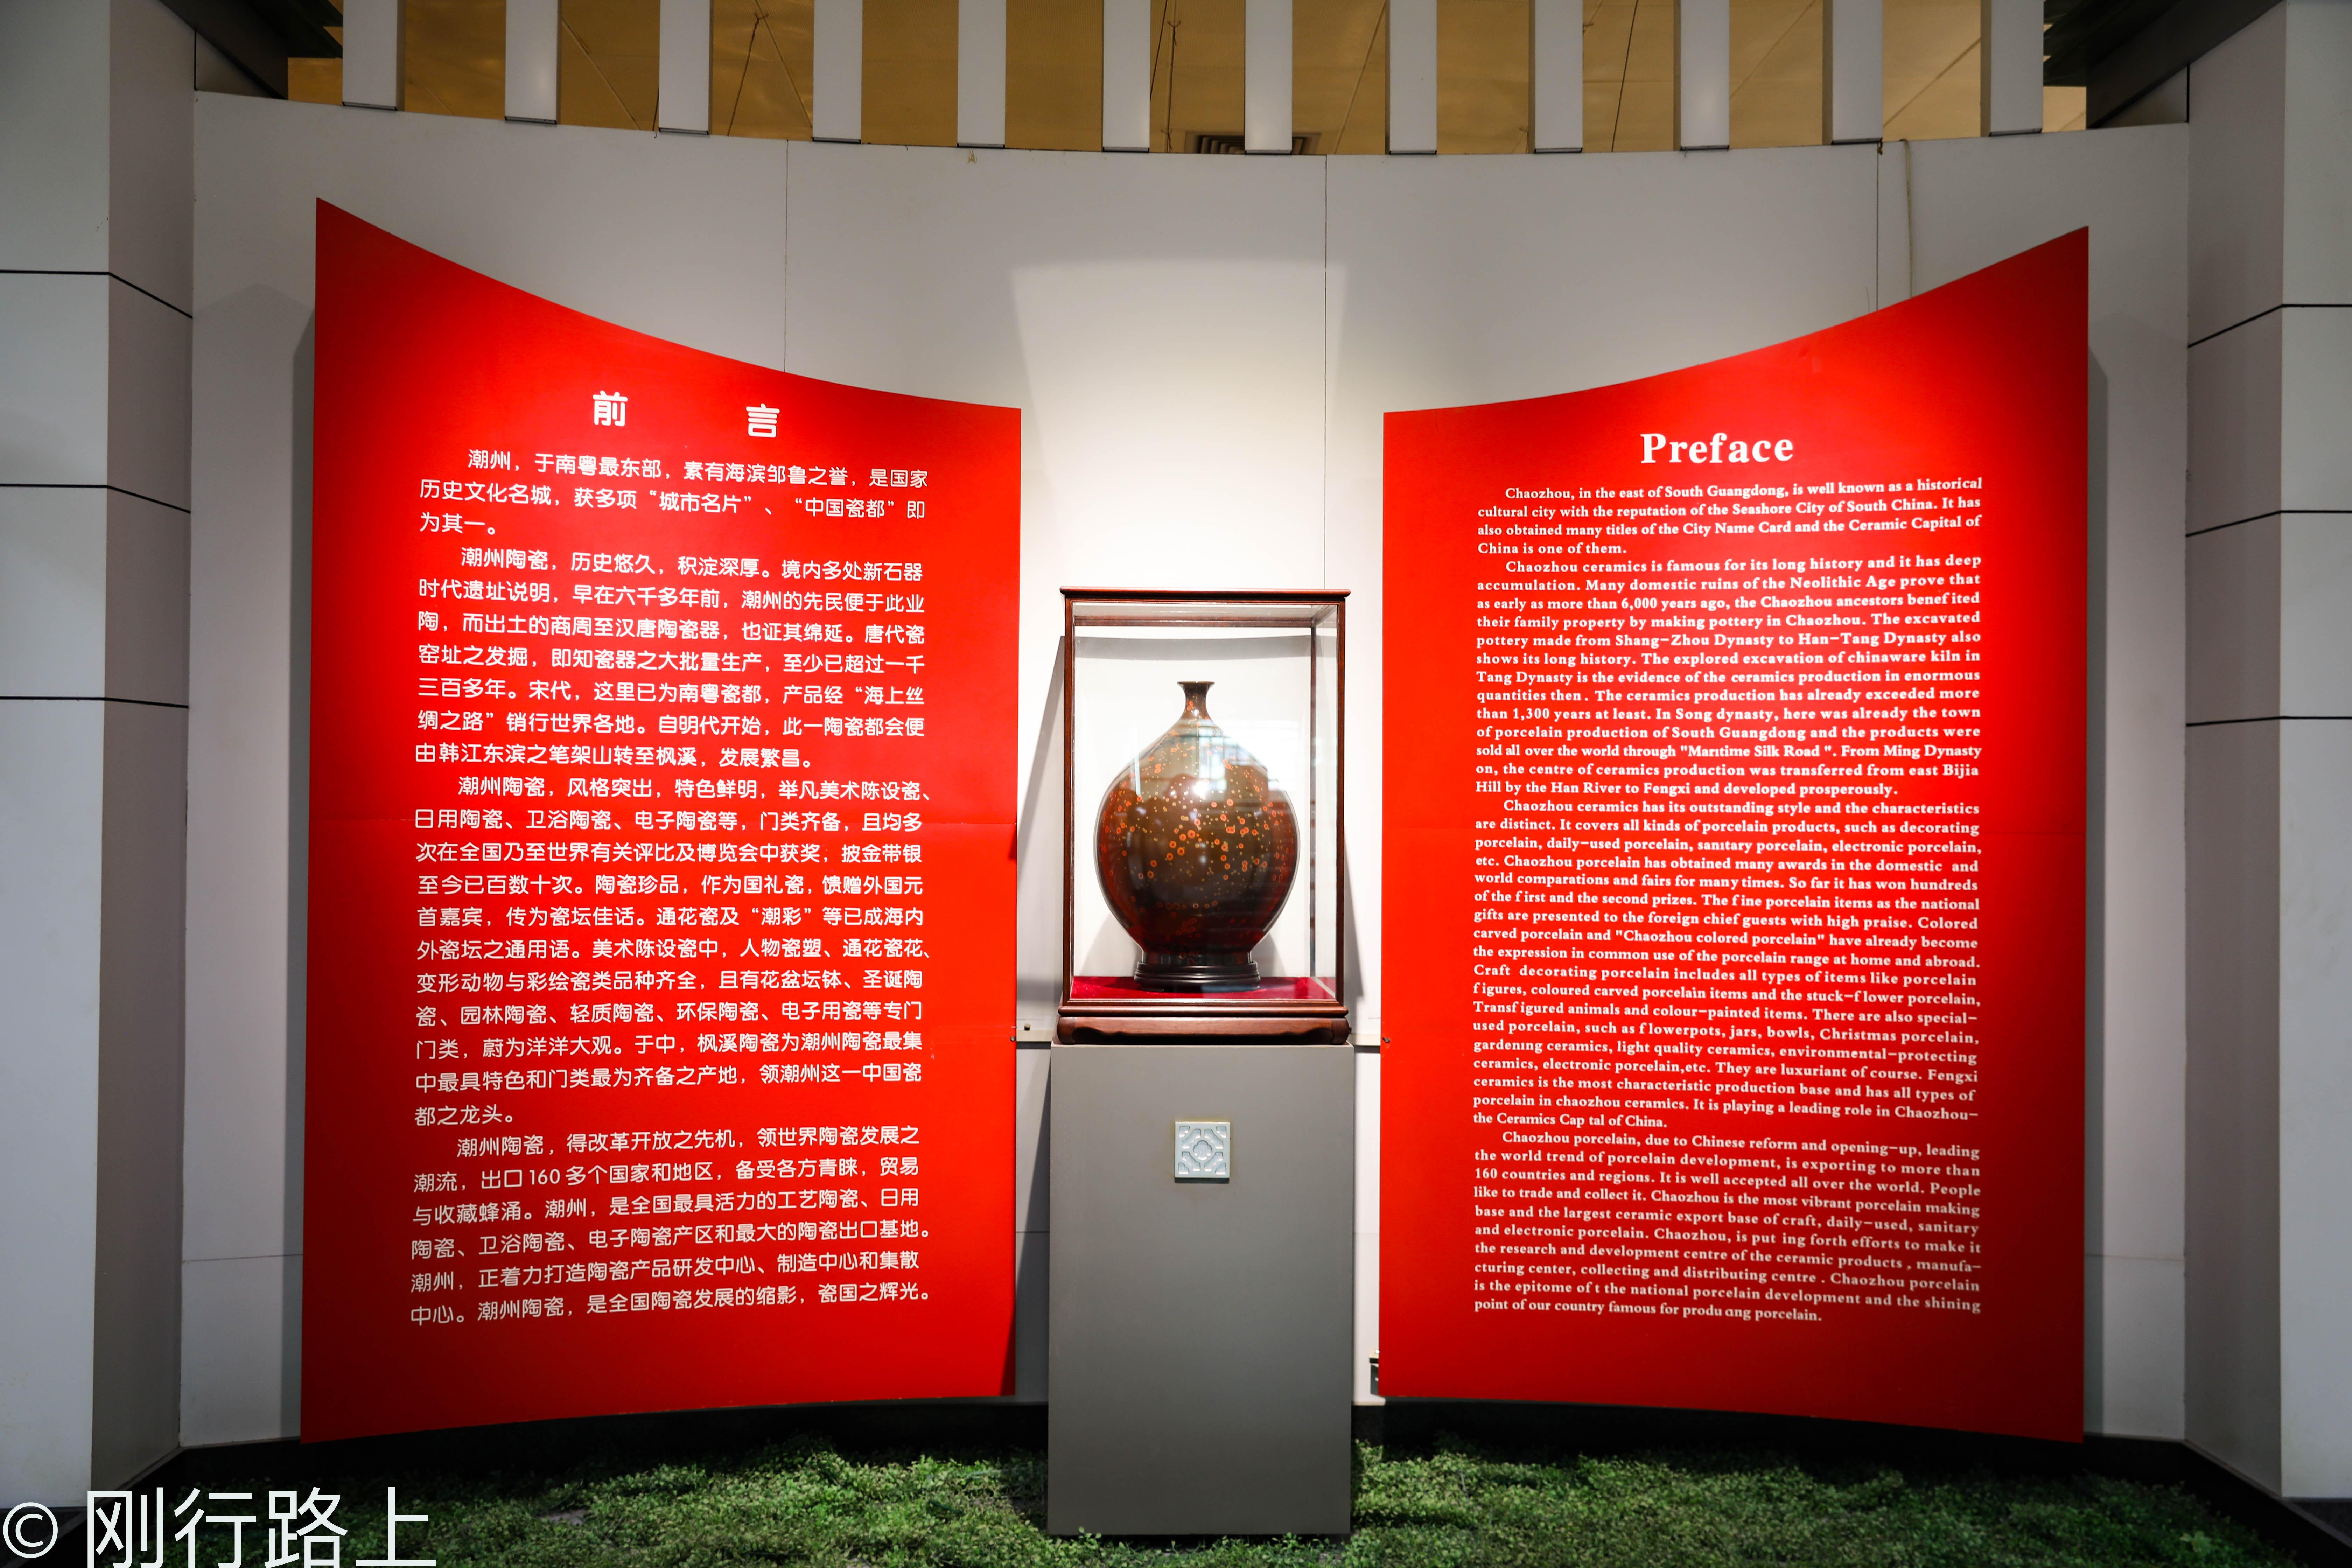 都是中国瓷都,潮州瓷器早在宋代已经远销海外,成为中国瓷器代表